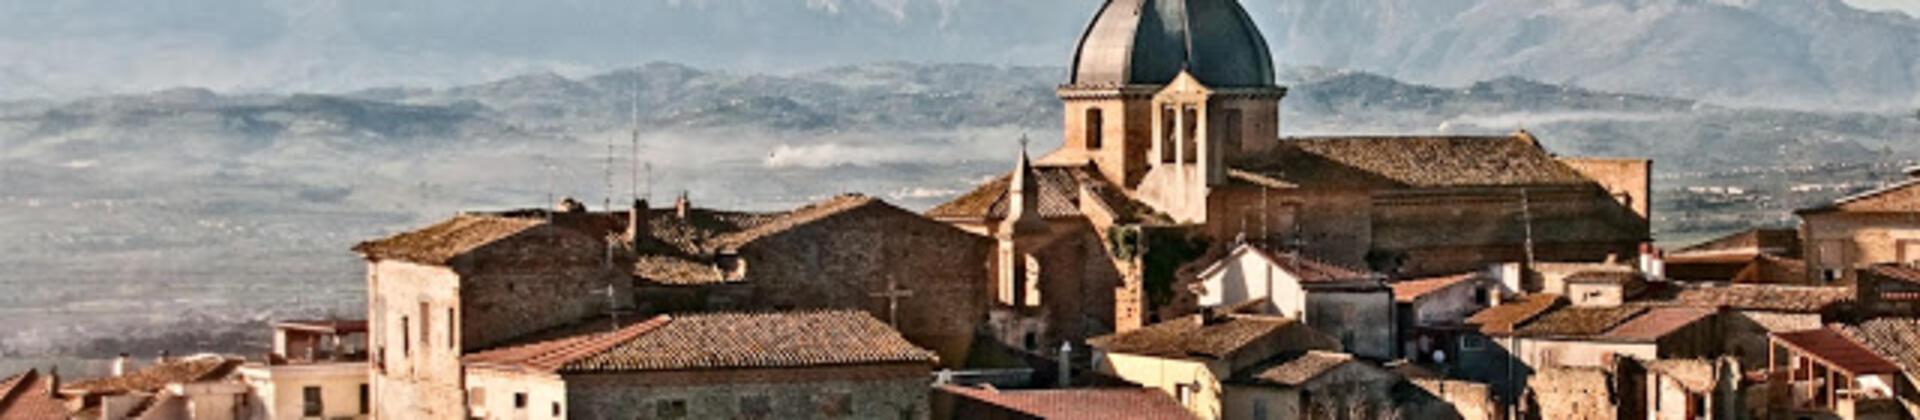 Montepagano borgo medioevale di Roseto degli Abruzzi